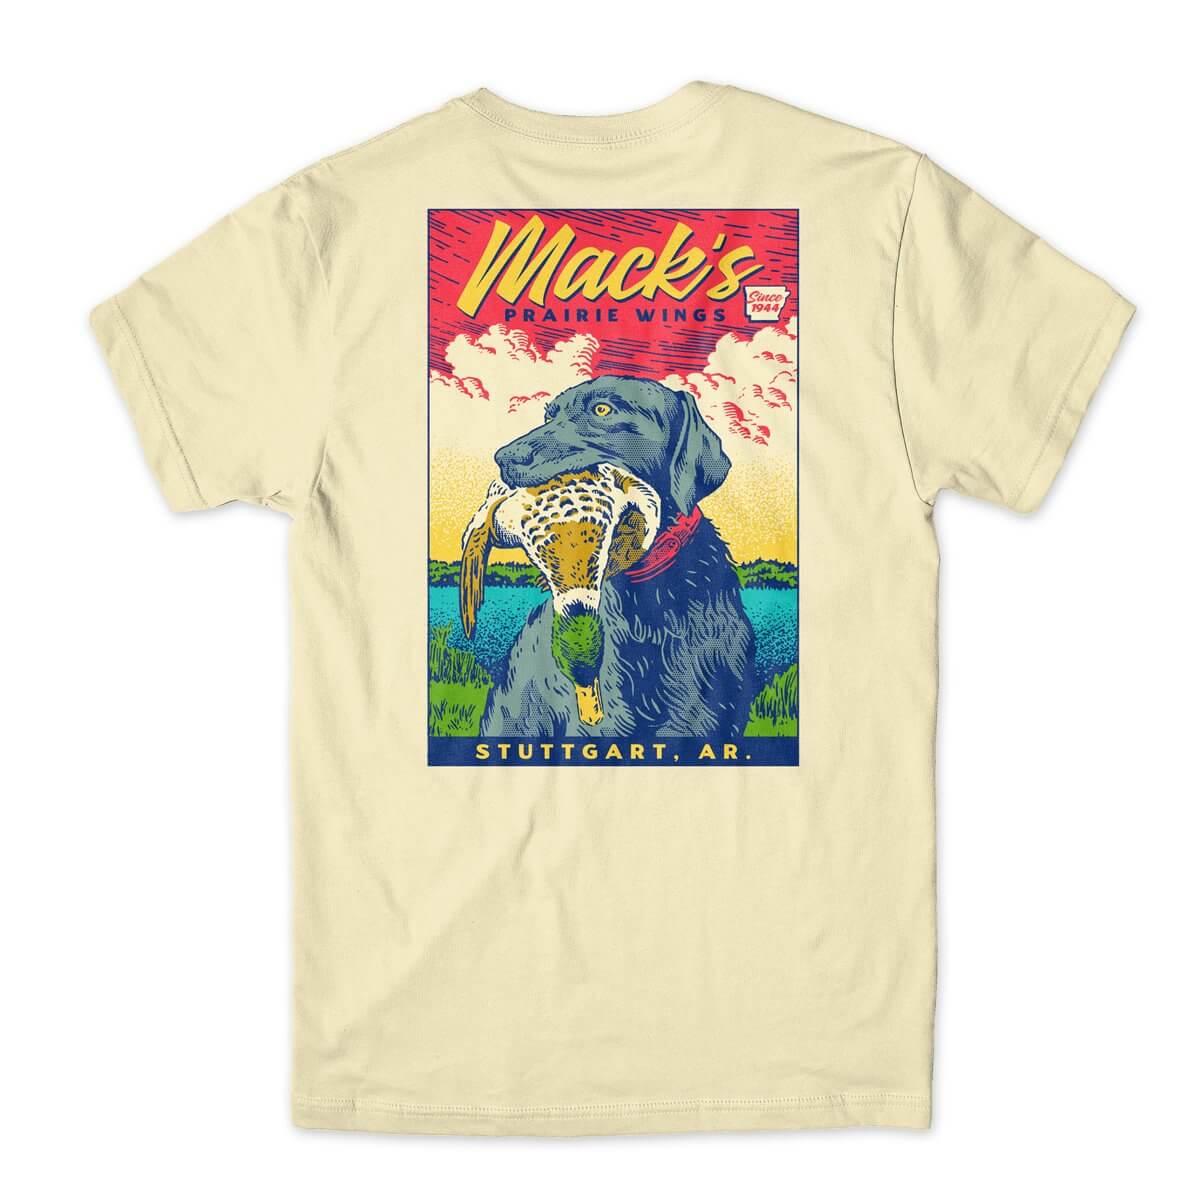 Mack's Prairie Wings - Dog Stamp yellow tshirt